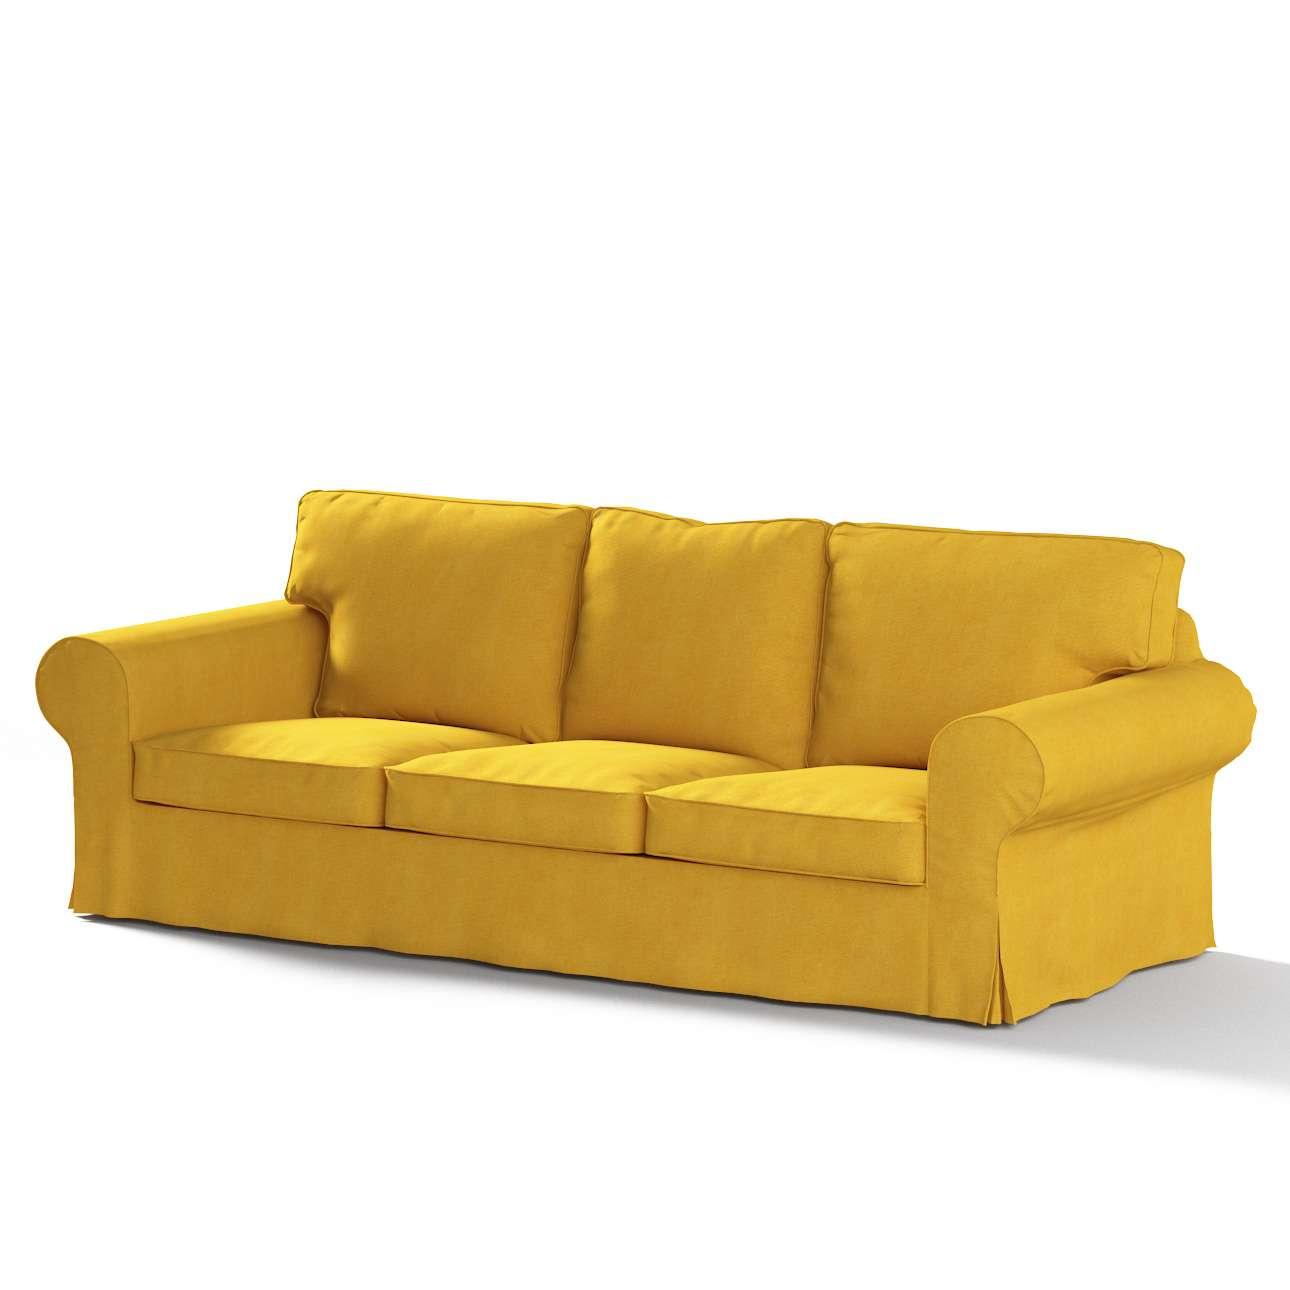 Potah na pohovku IKEA  Ektorp 3-místná, nerozkládací pohovka Ektorp 3-místná v kolekci Etna, látka: 705-04